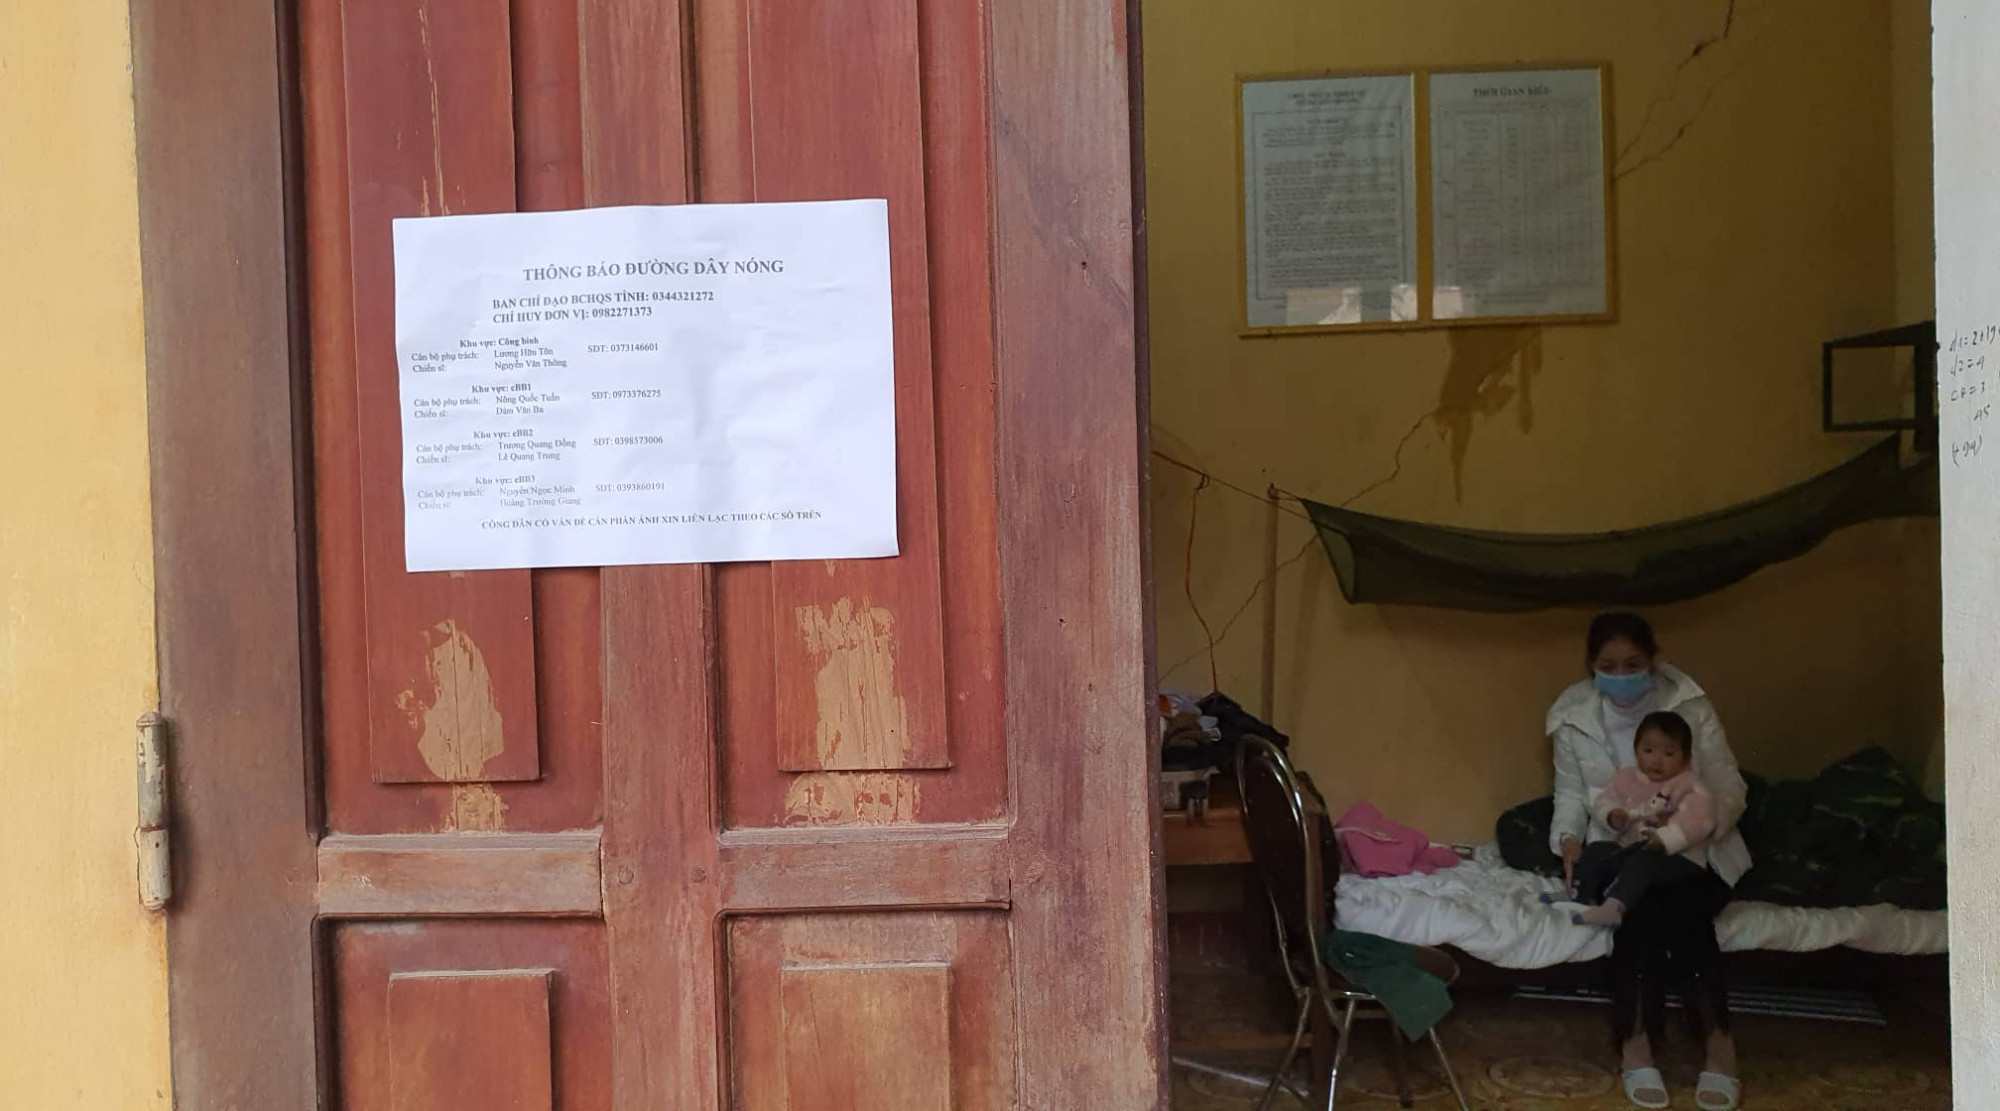 Các phòng cách ly đều dán thông tin để người dân liên hệ khi cần thiết.